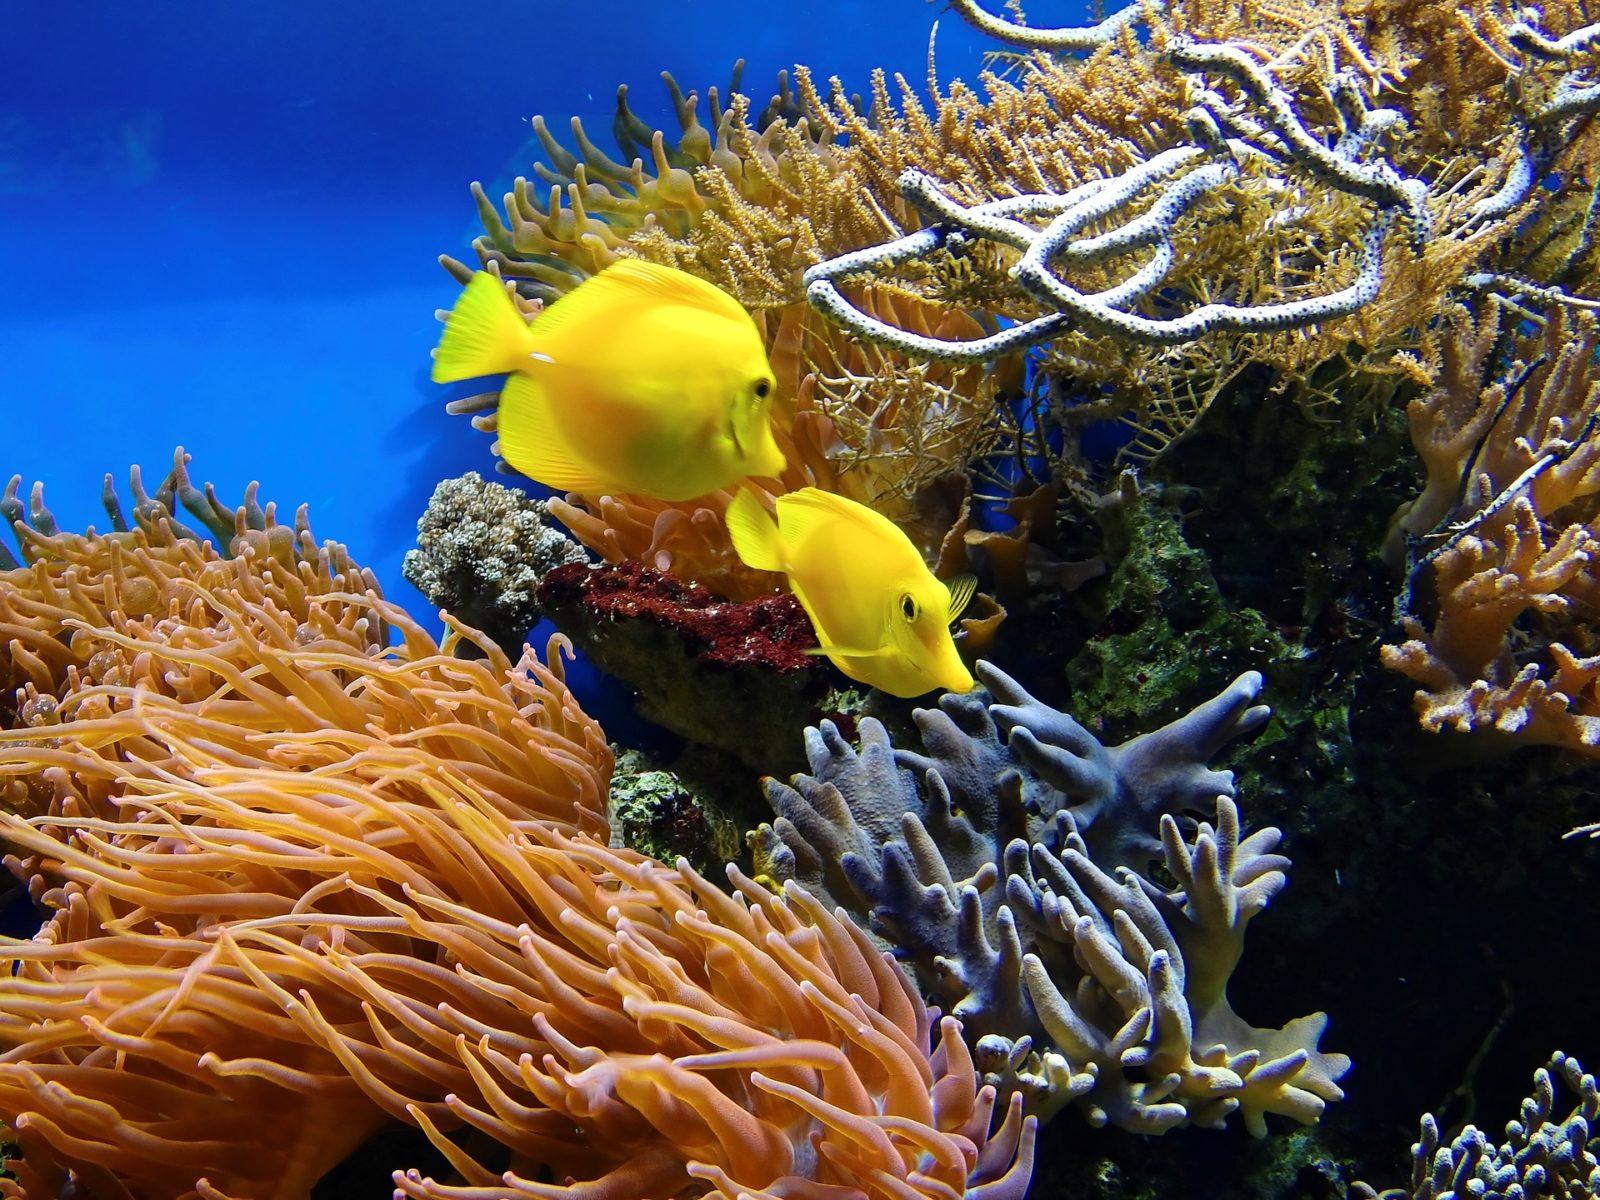 Шоколад февраля, рыбы коралловых рифов картинки с надписями